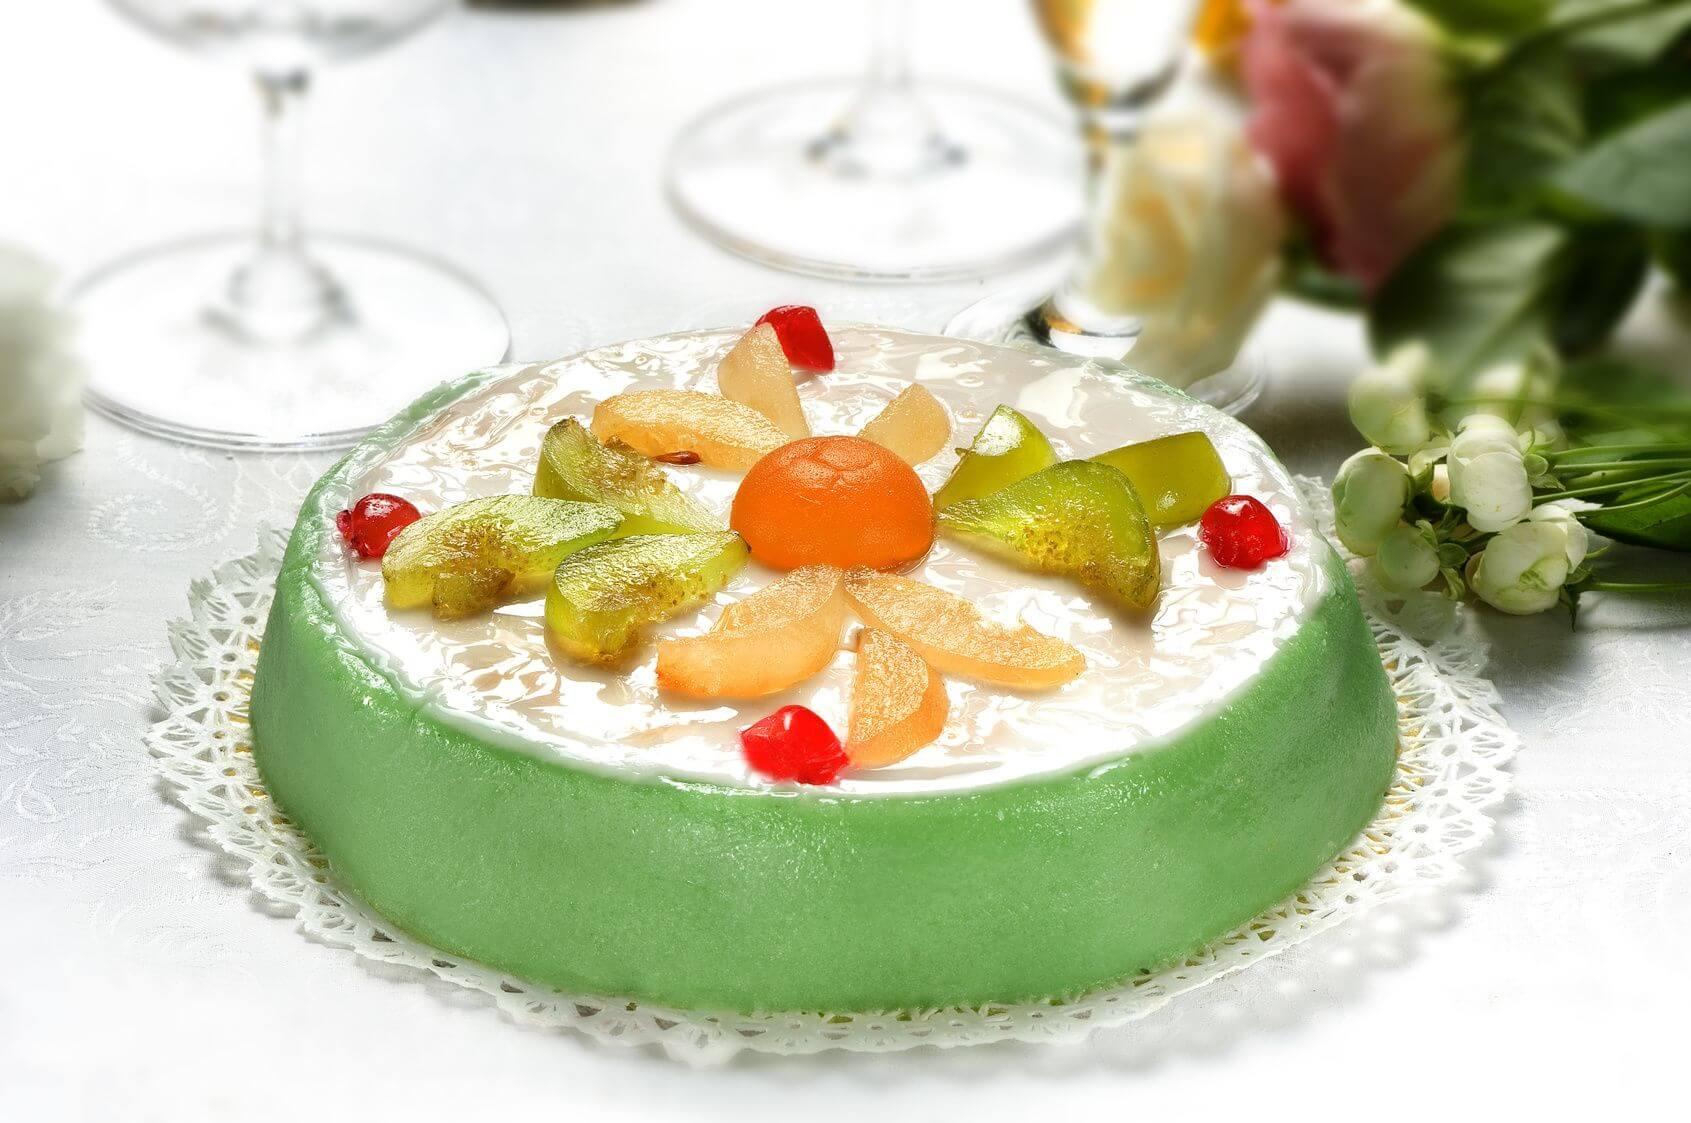 Categoria: Лучшие продукты Сицилии